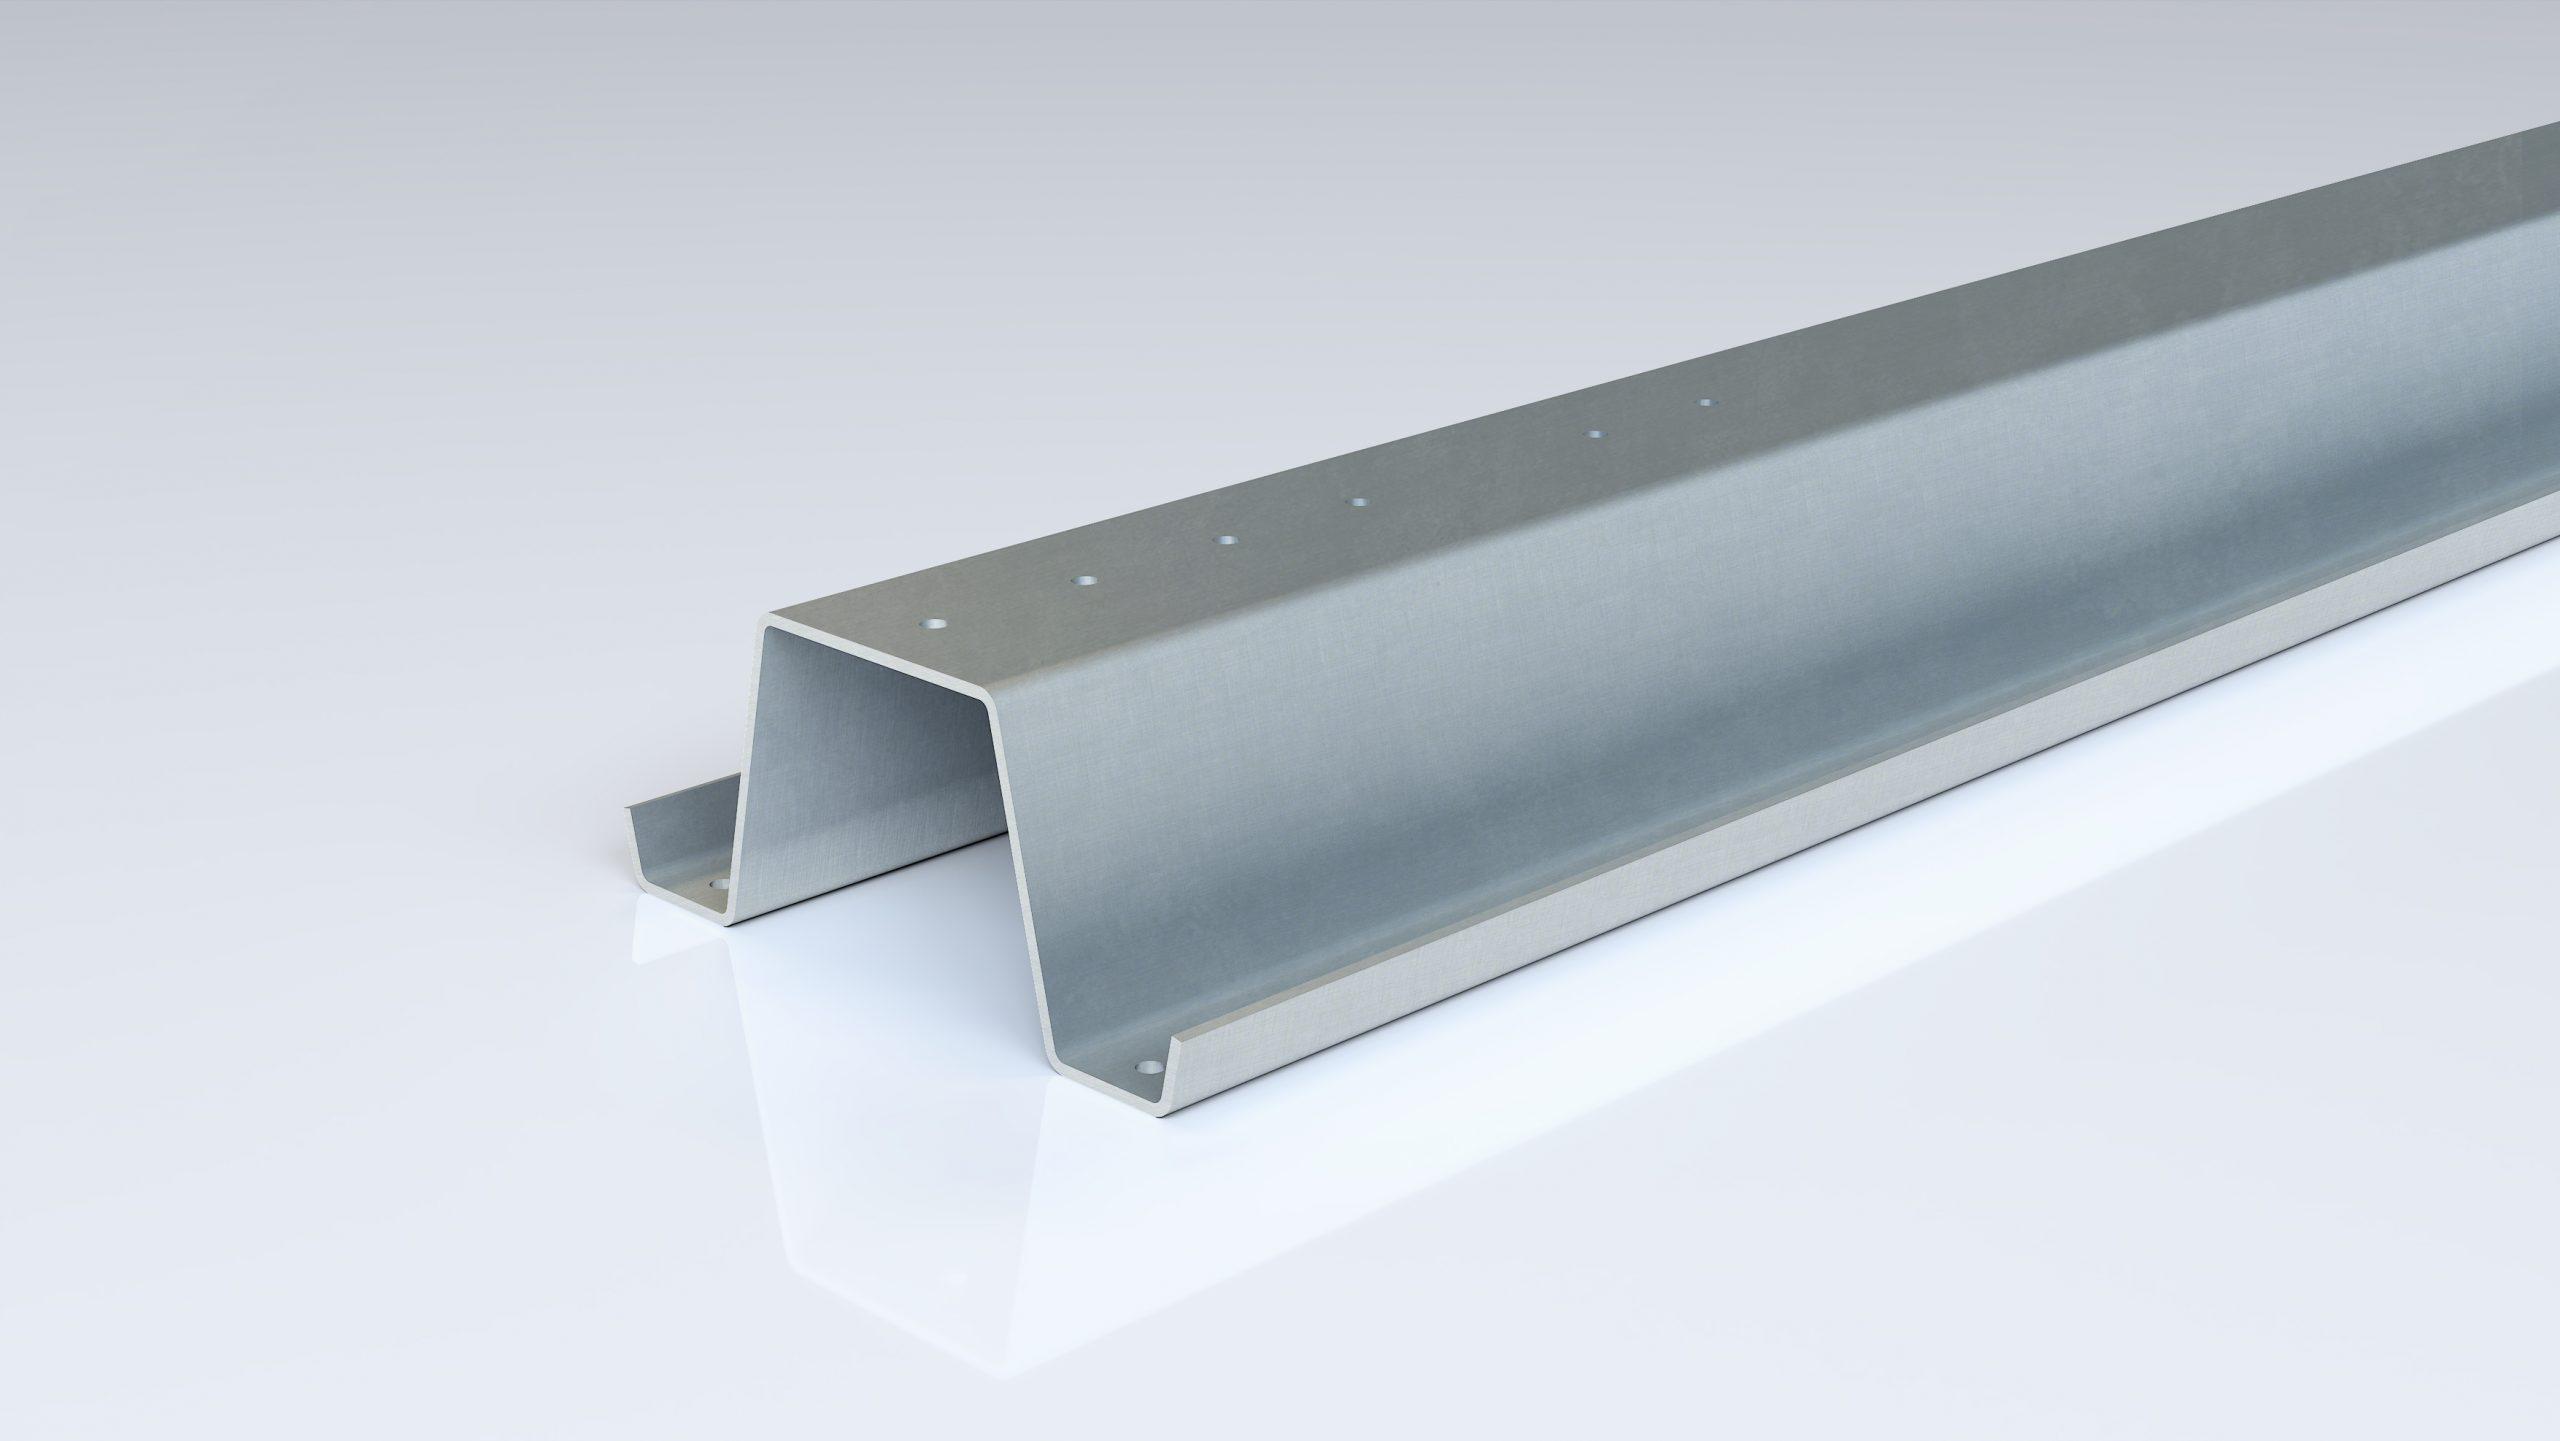 Foto de perfil omega silo de acero conformado en frío de Brausa